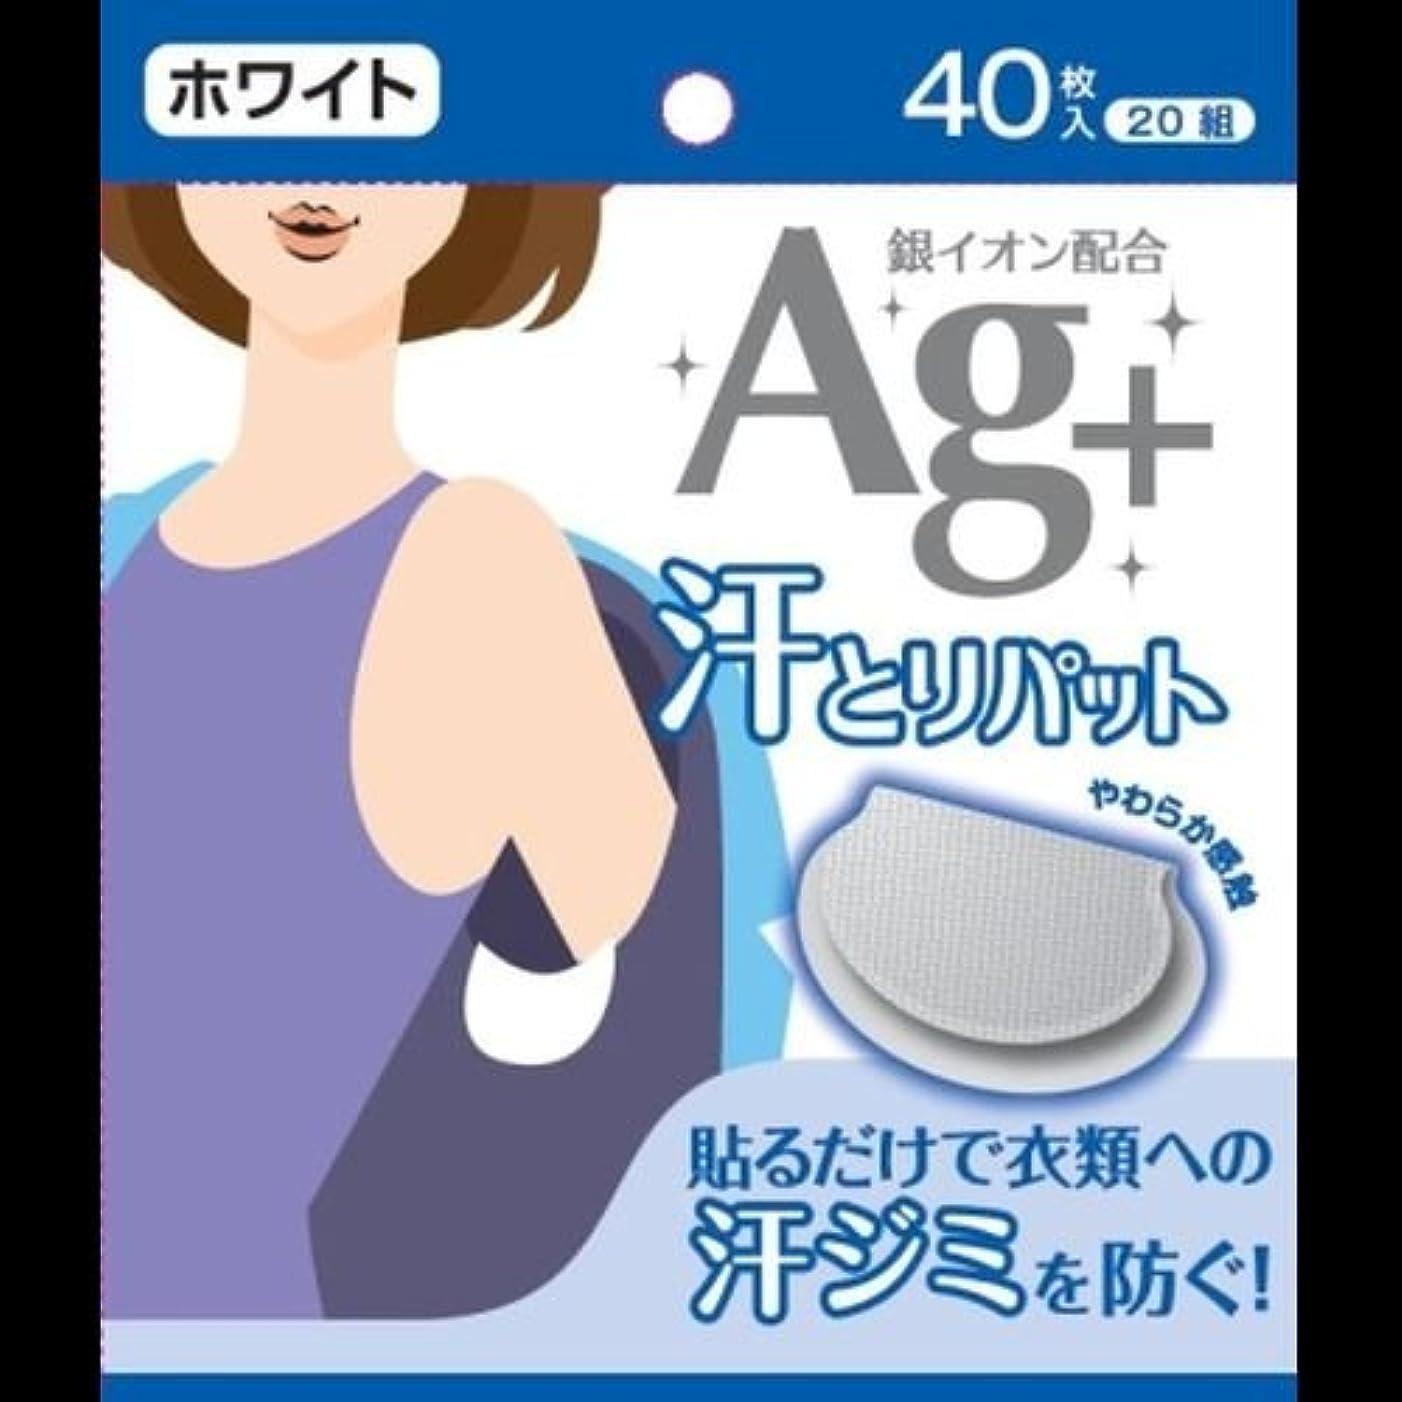 調整する石油カロリーAg+汗とりパット ホワイト 40枚入(20組) ×2セット